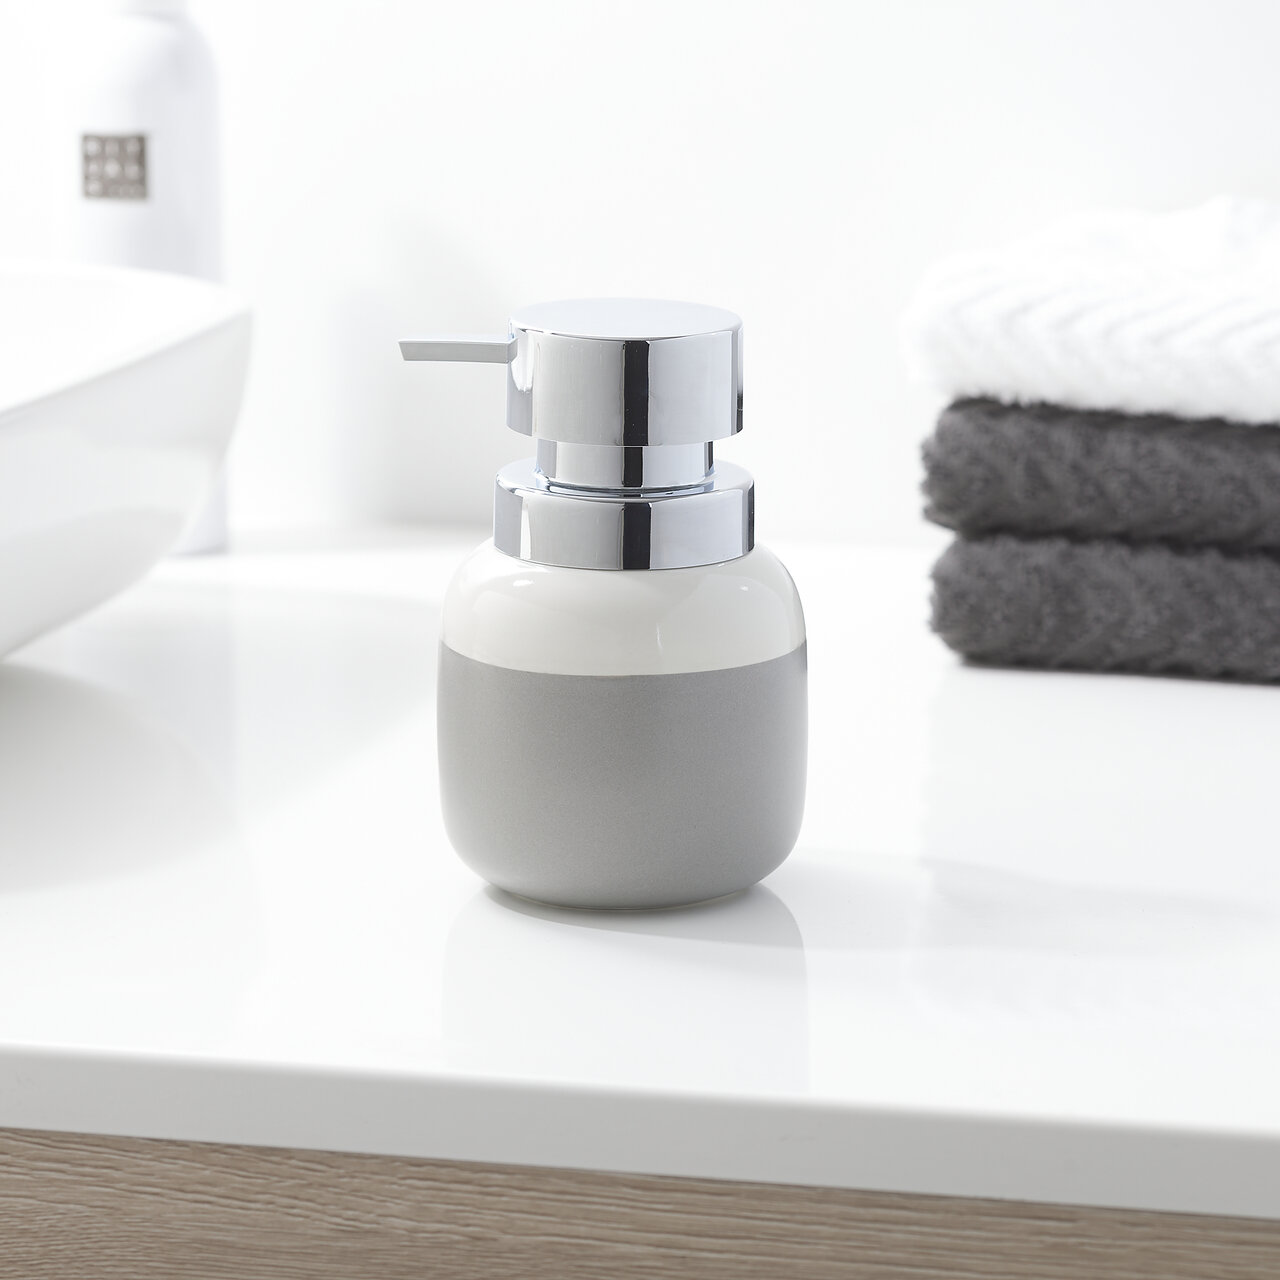 Brayden Studio Sarris Countertop Soap